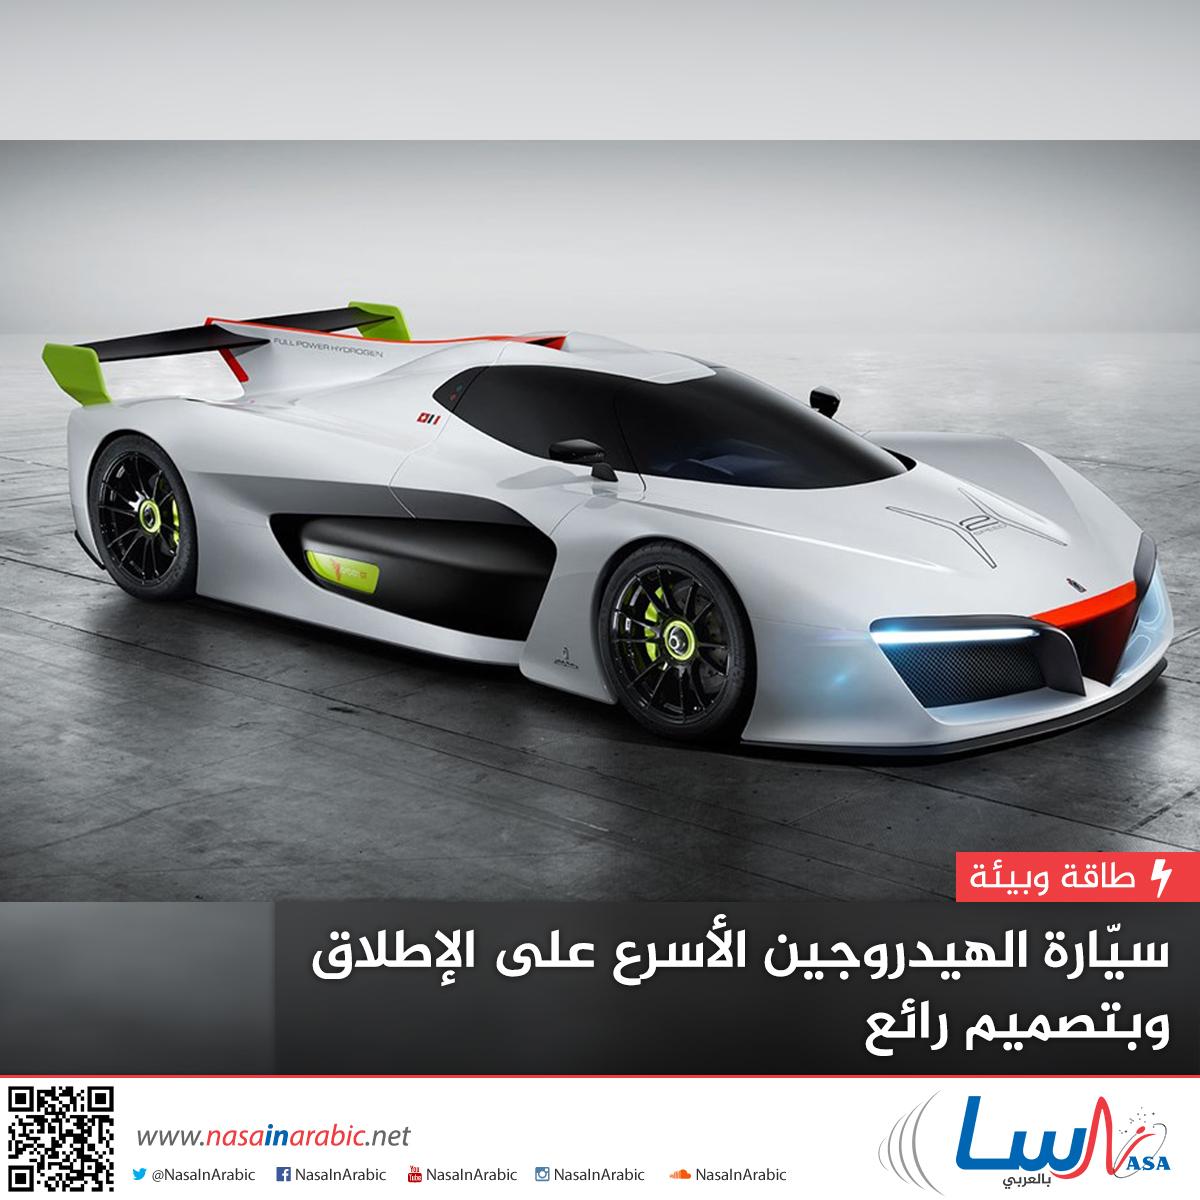 سيّارة الهيدروجين الأسرع على الإطلاق وبتصميم رائع